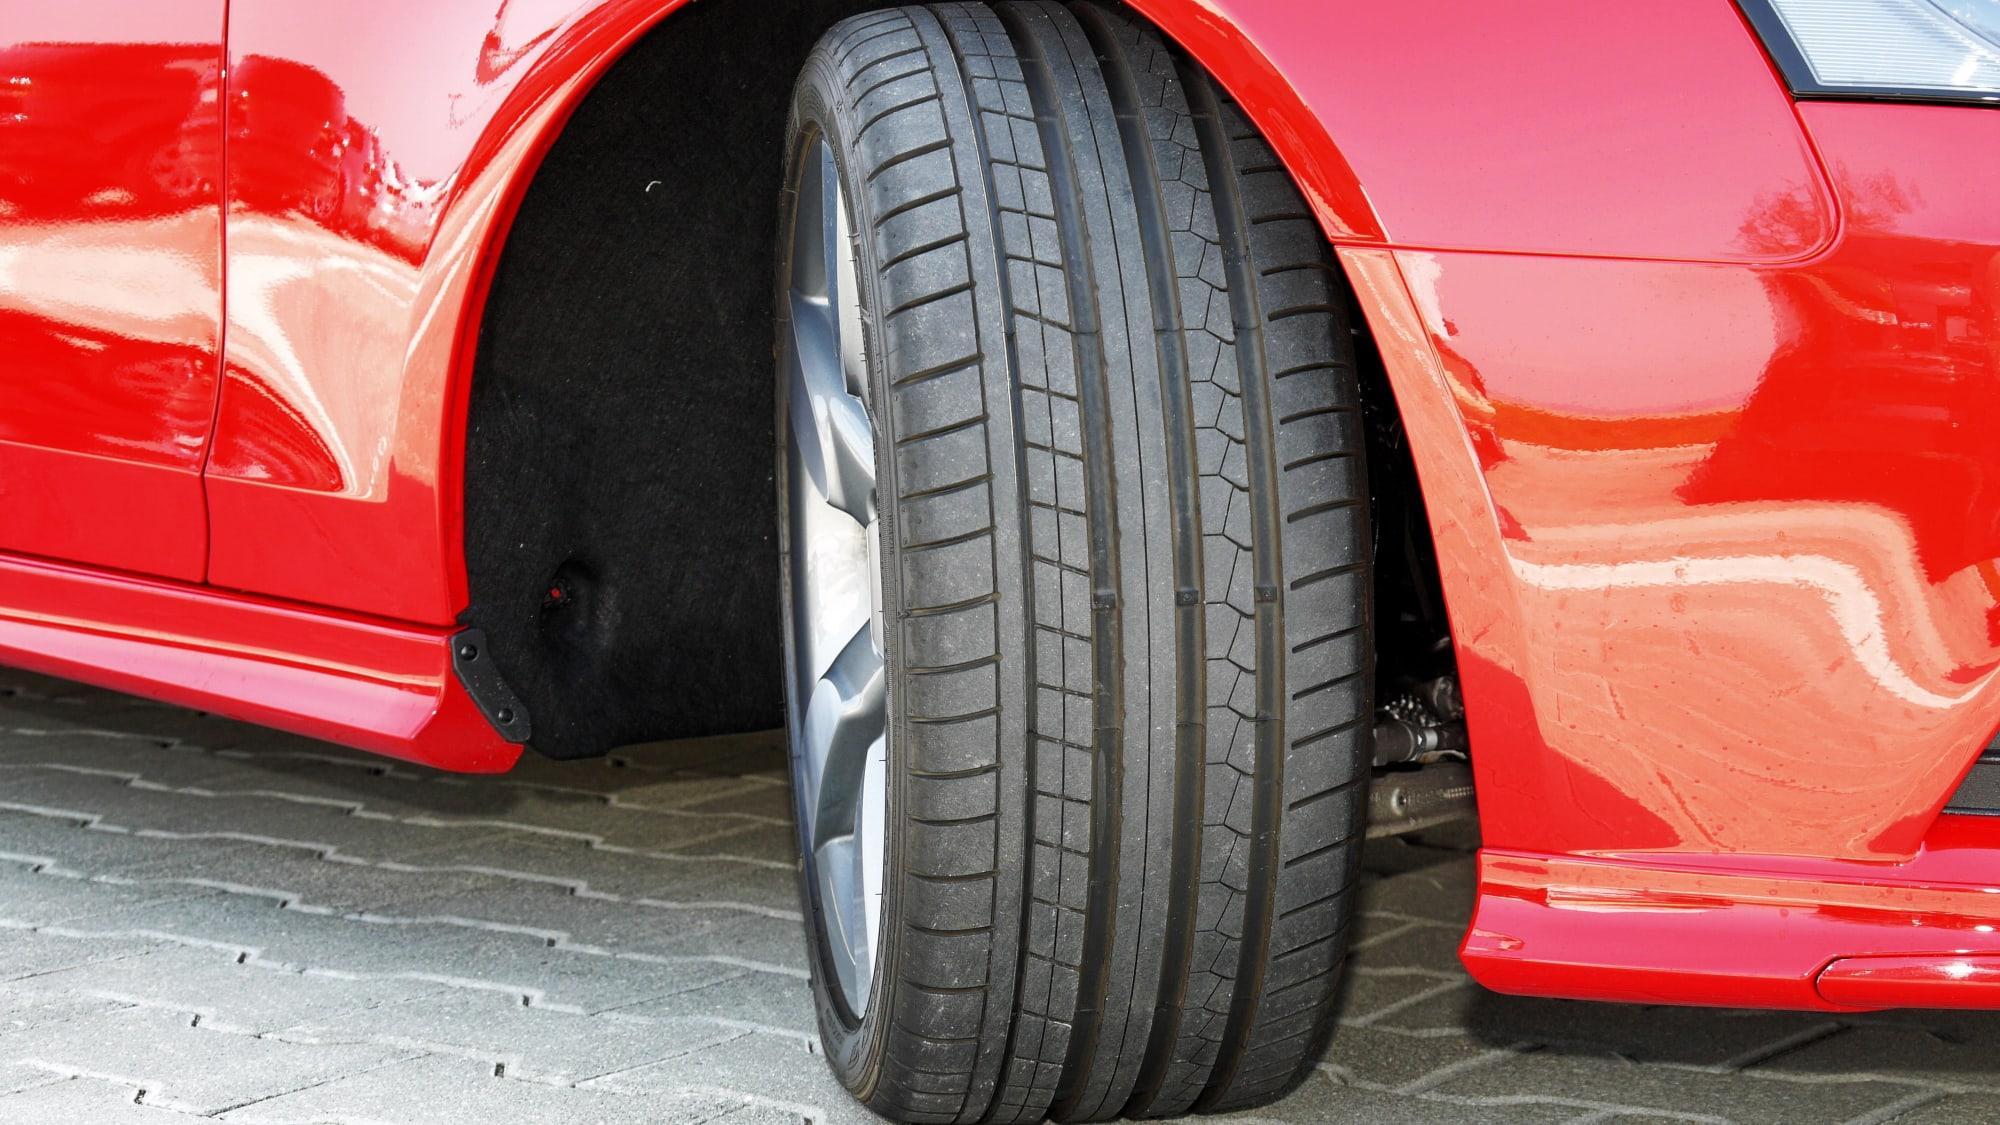 Какой размер шин лучше: узкий или широкий?